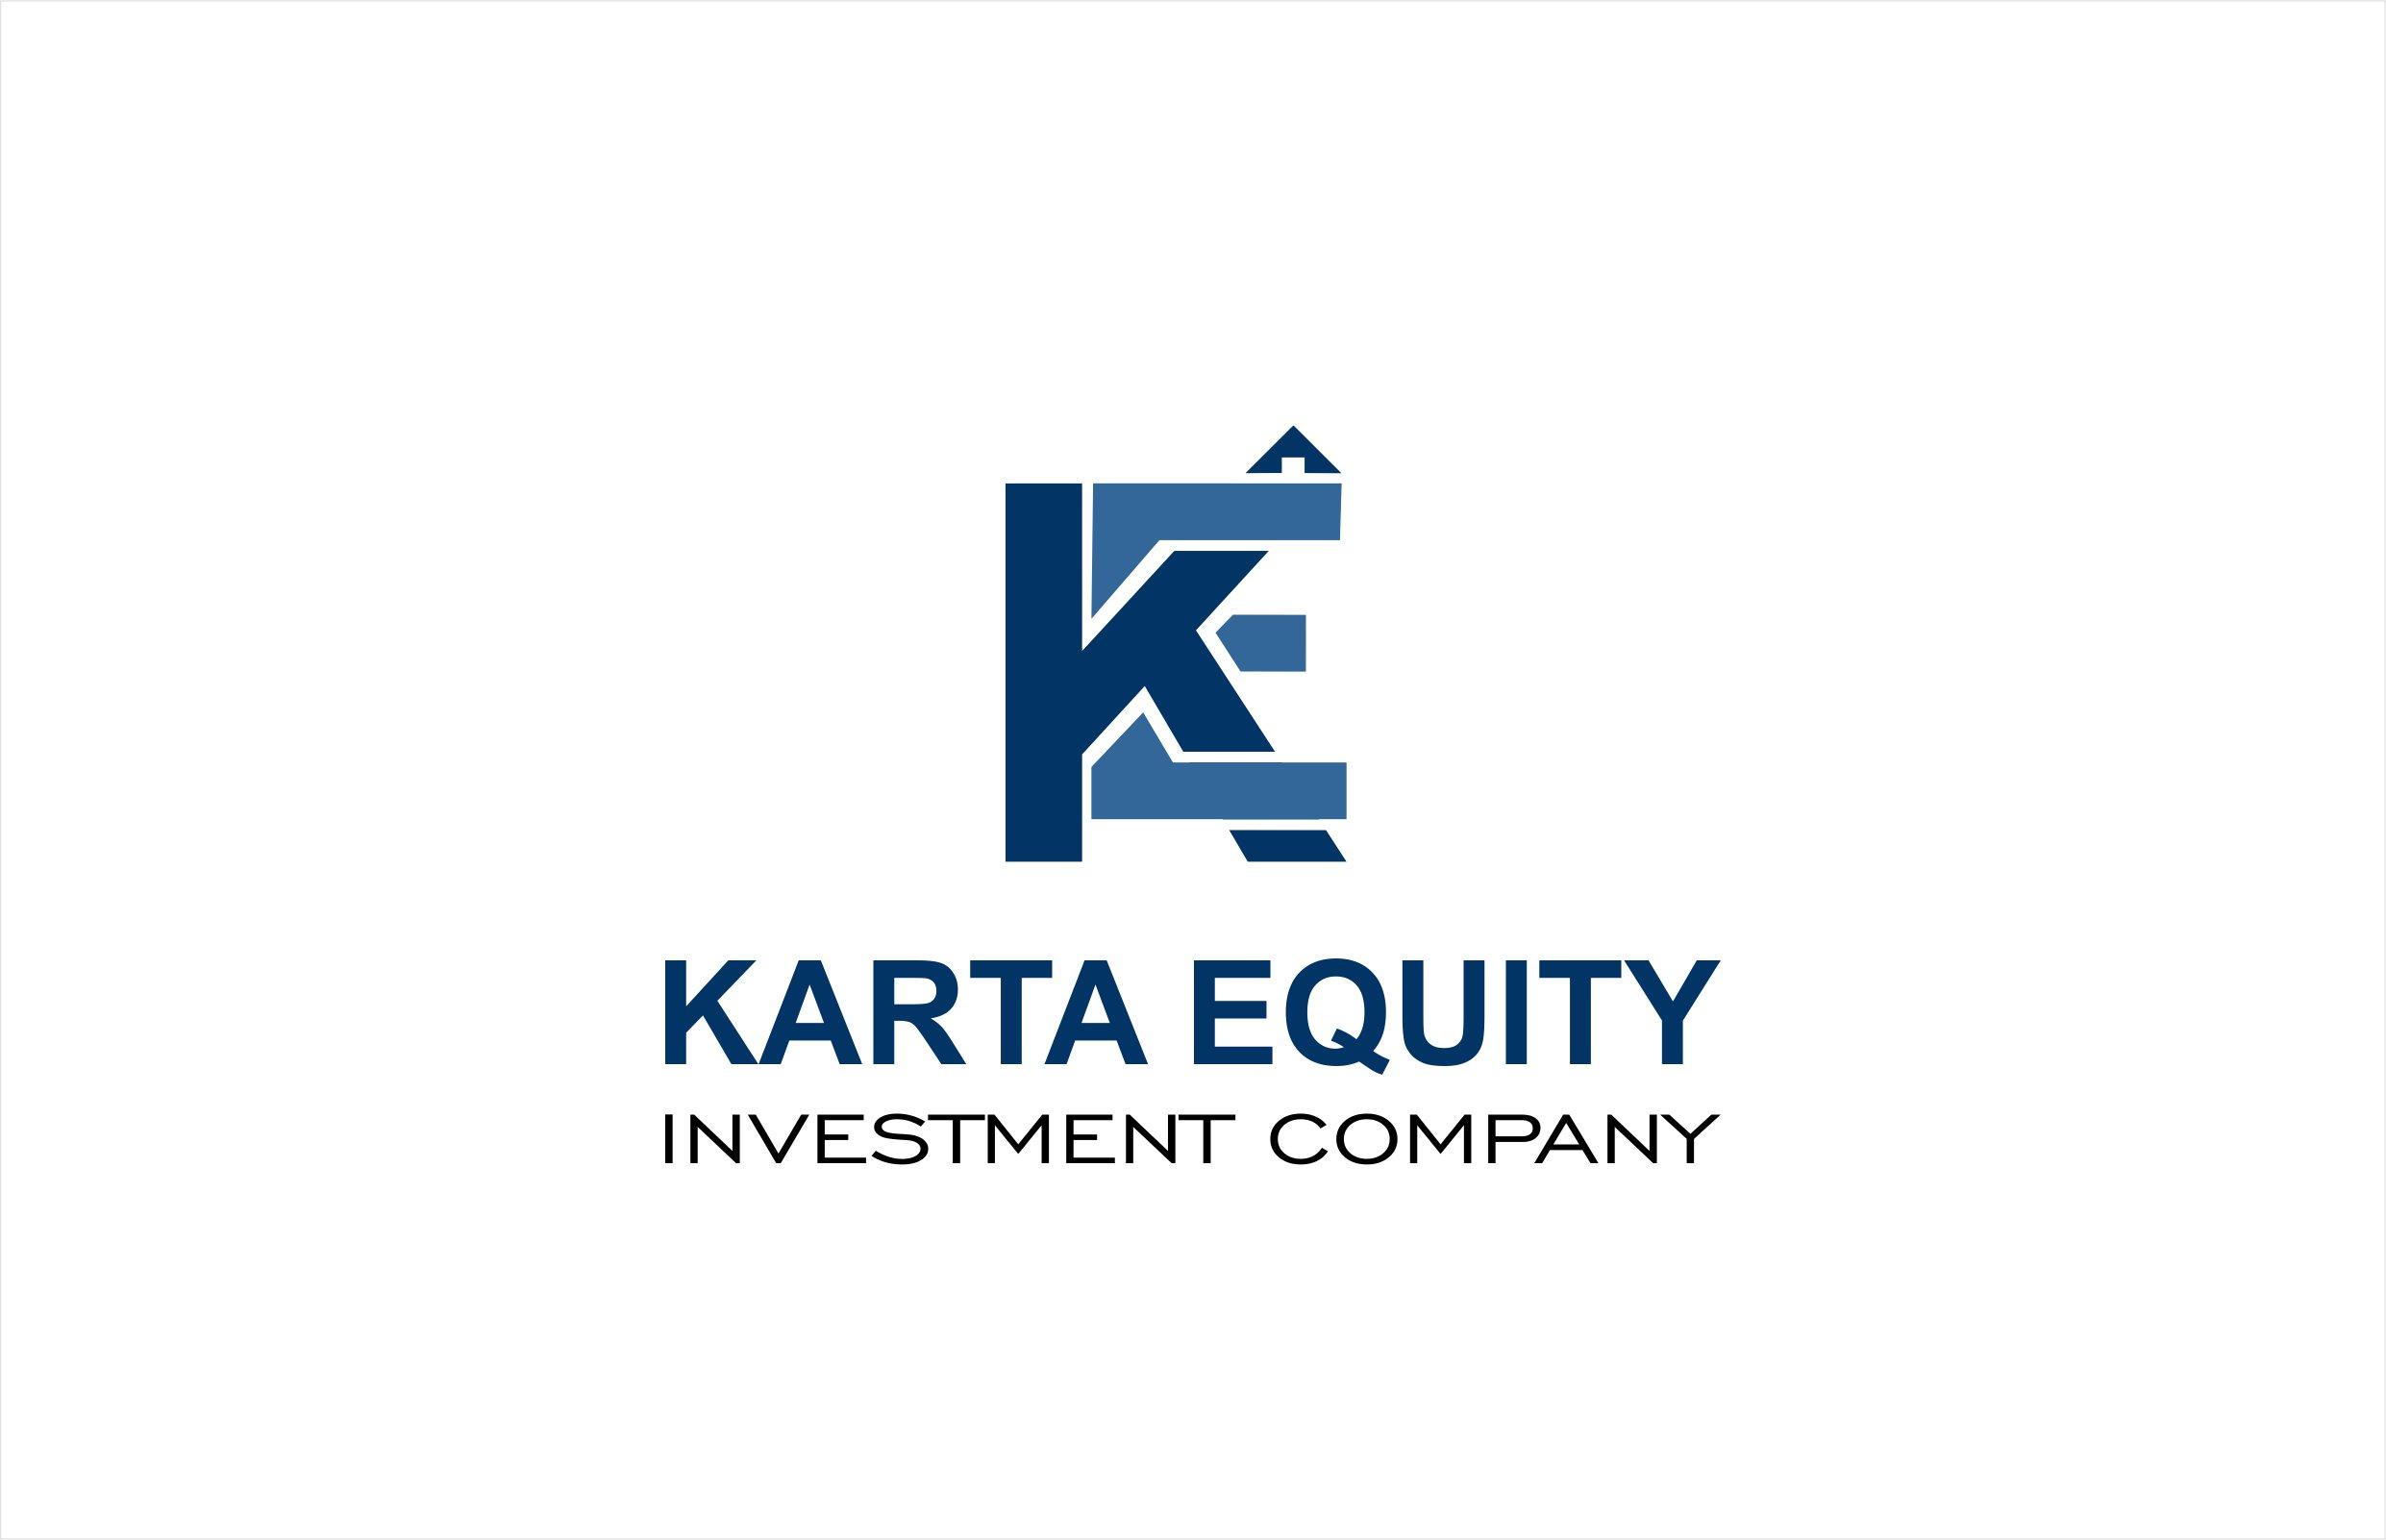 Логотип для компании инвестироваюшей в жилую недвижимость фото f_0305e1a60a719b2b.jpg